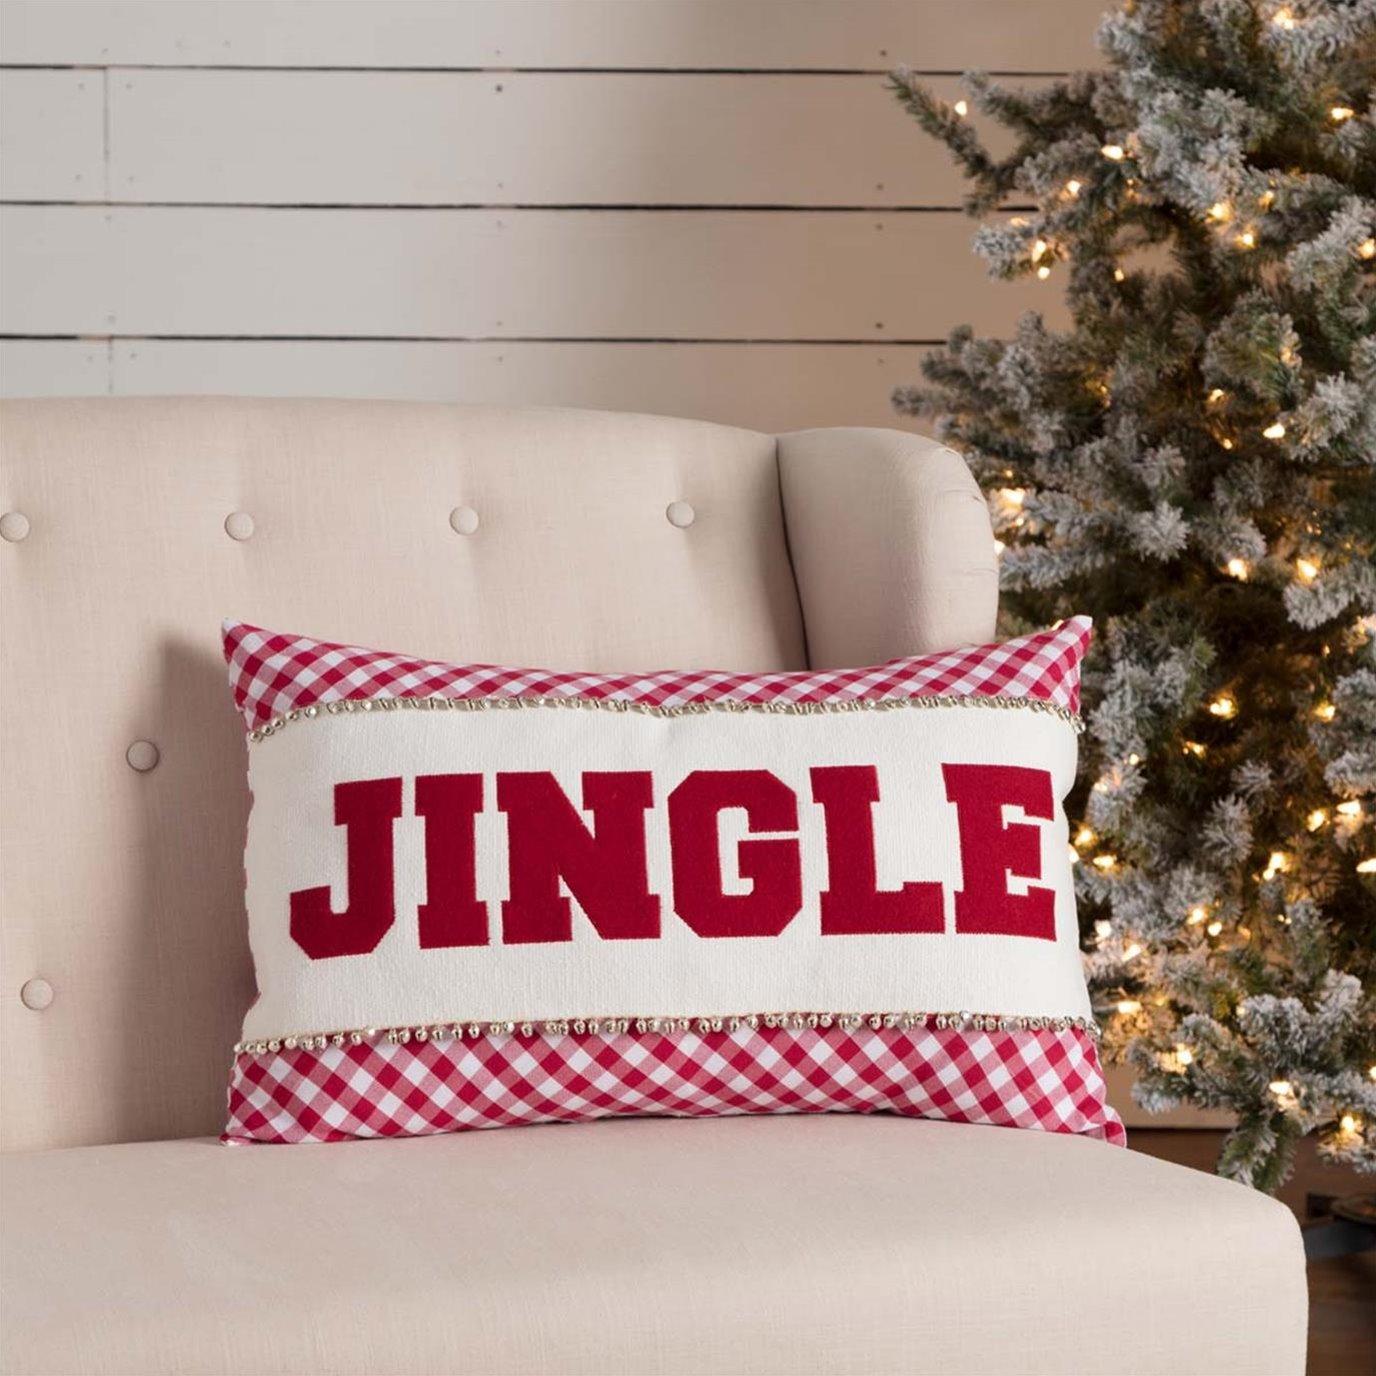 Emmie Jingle Pillow 14x22